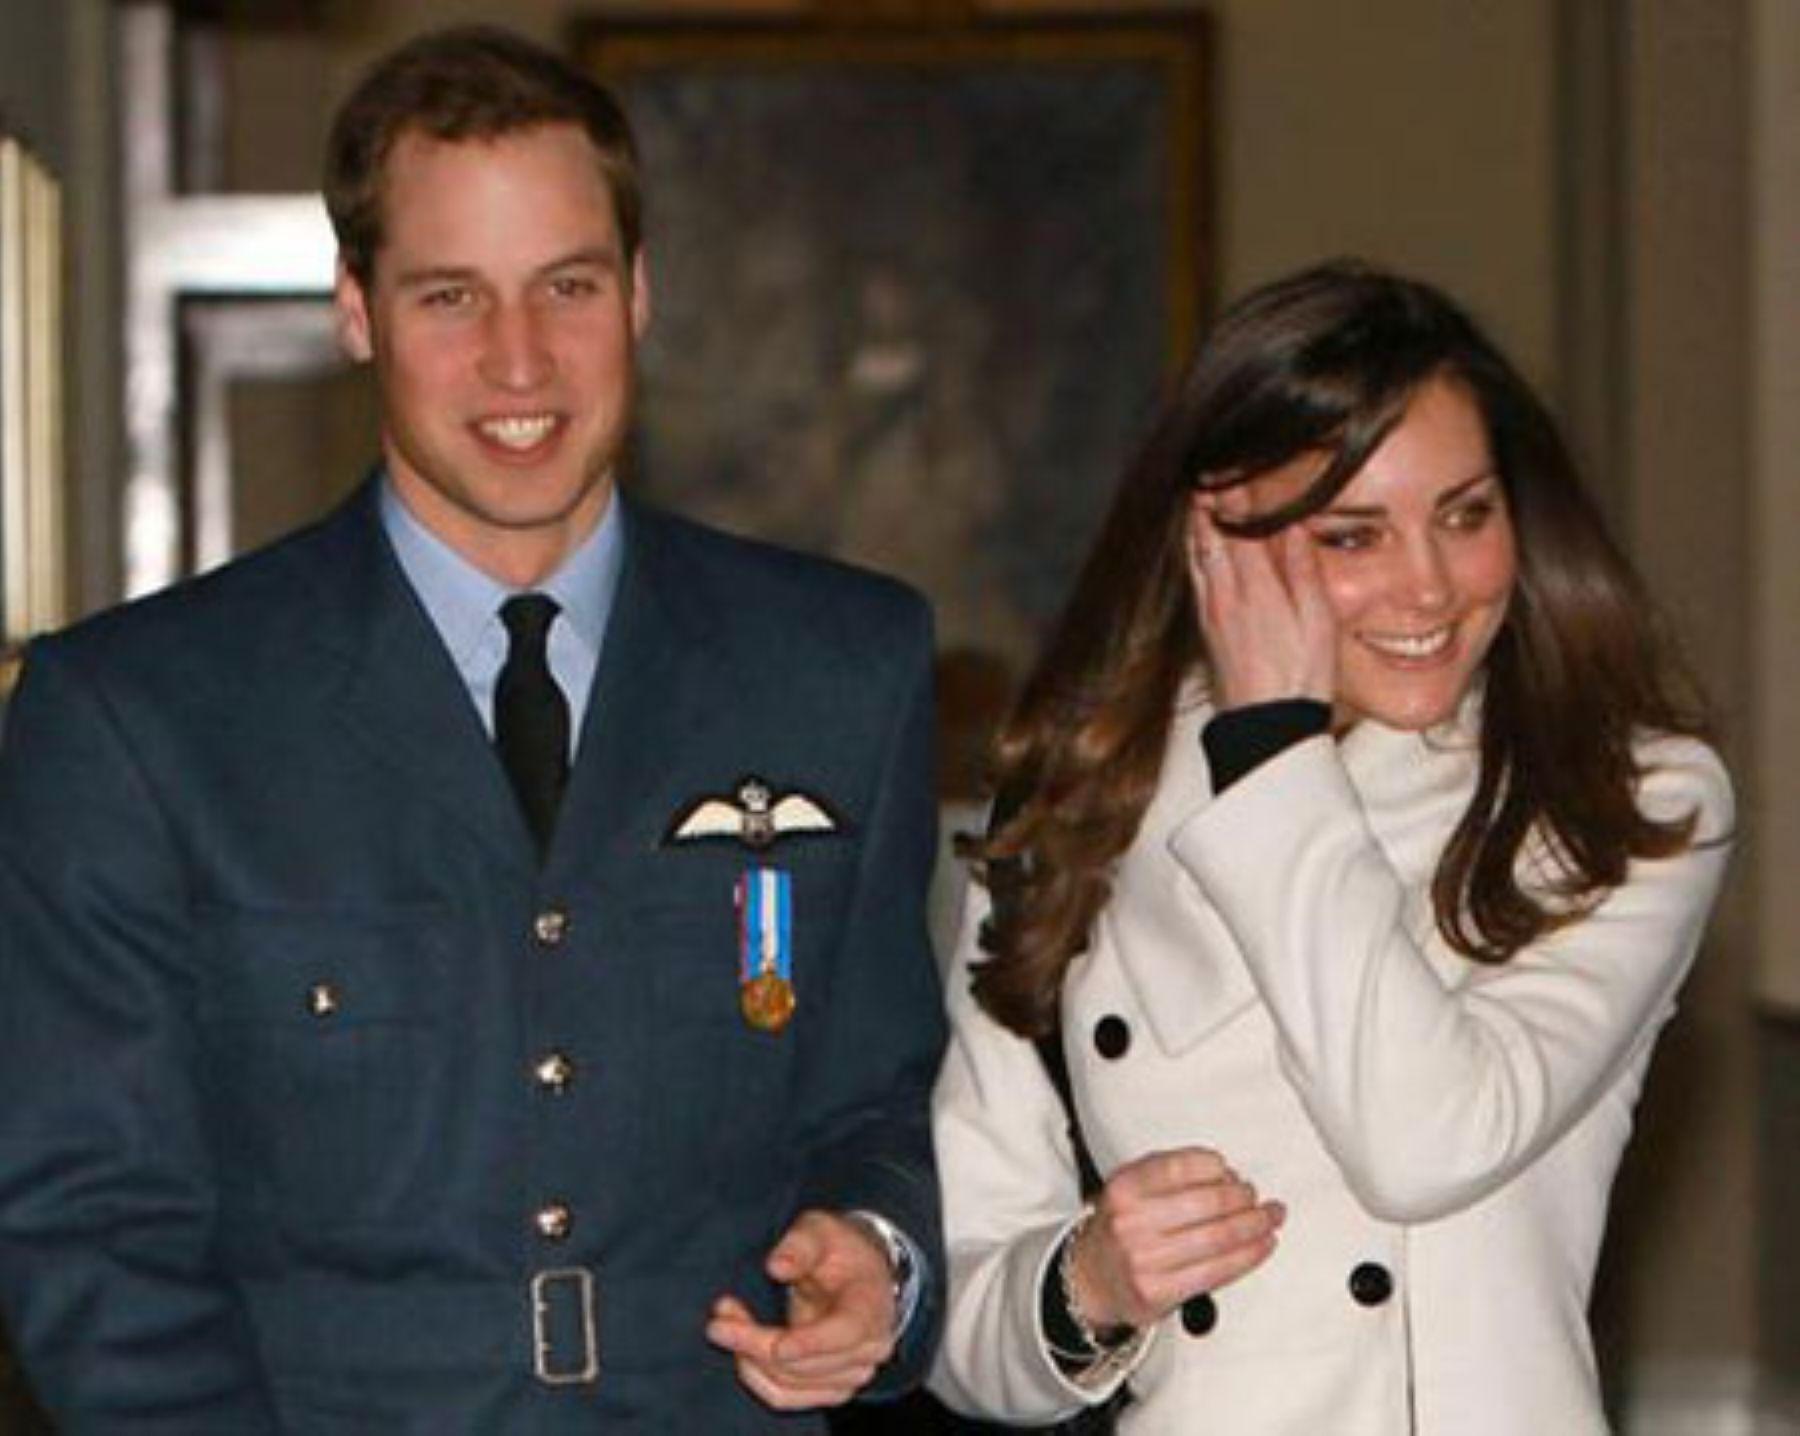 El príncipe Guillermo de Inglaterra y su novia Kate Midleton protagonizarán una boda de ensueño como la de su madre la recordada Princesa Diana de Gales.